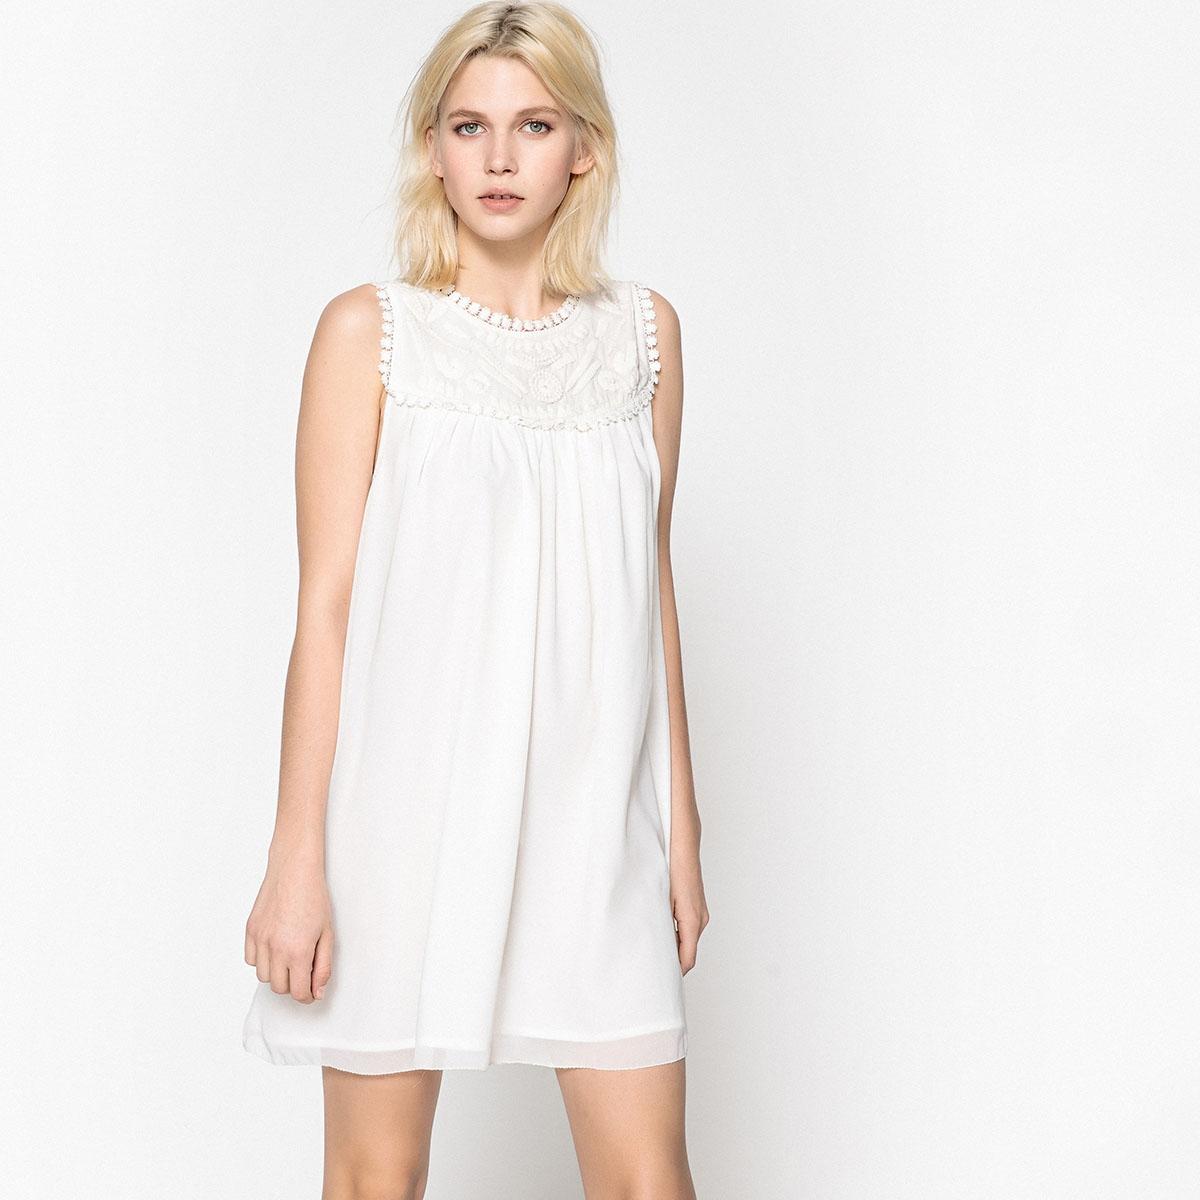 Платье короткое, прямое, однотонное, без рукавовОписание:Детали •  Форма: прямая •  Укороченная модель     •  Круглый вырезСостав и уход •  100 % полиэстер •  Следуйте советам по уходу, указанным на этикетке<br><br>Цвет: белый<br>Размер: M.S